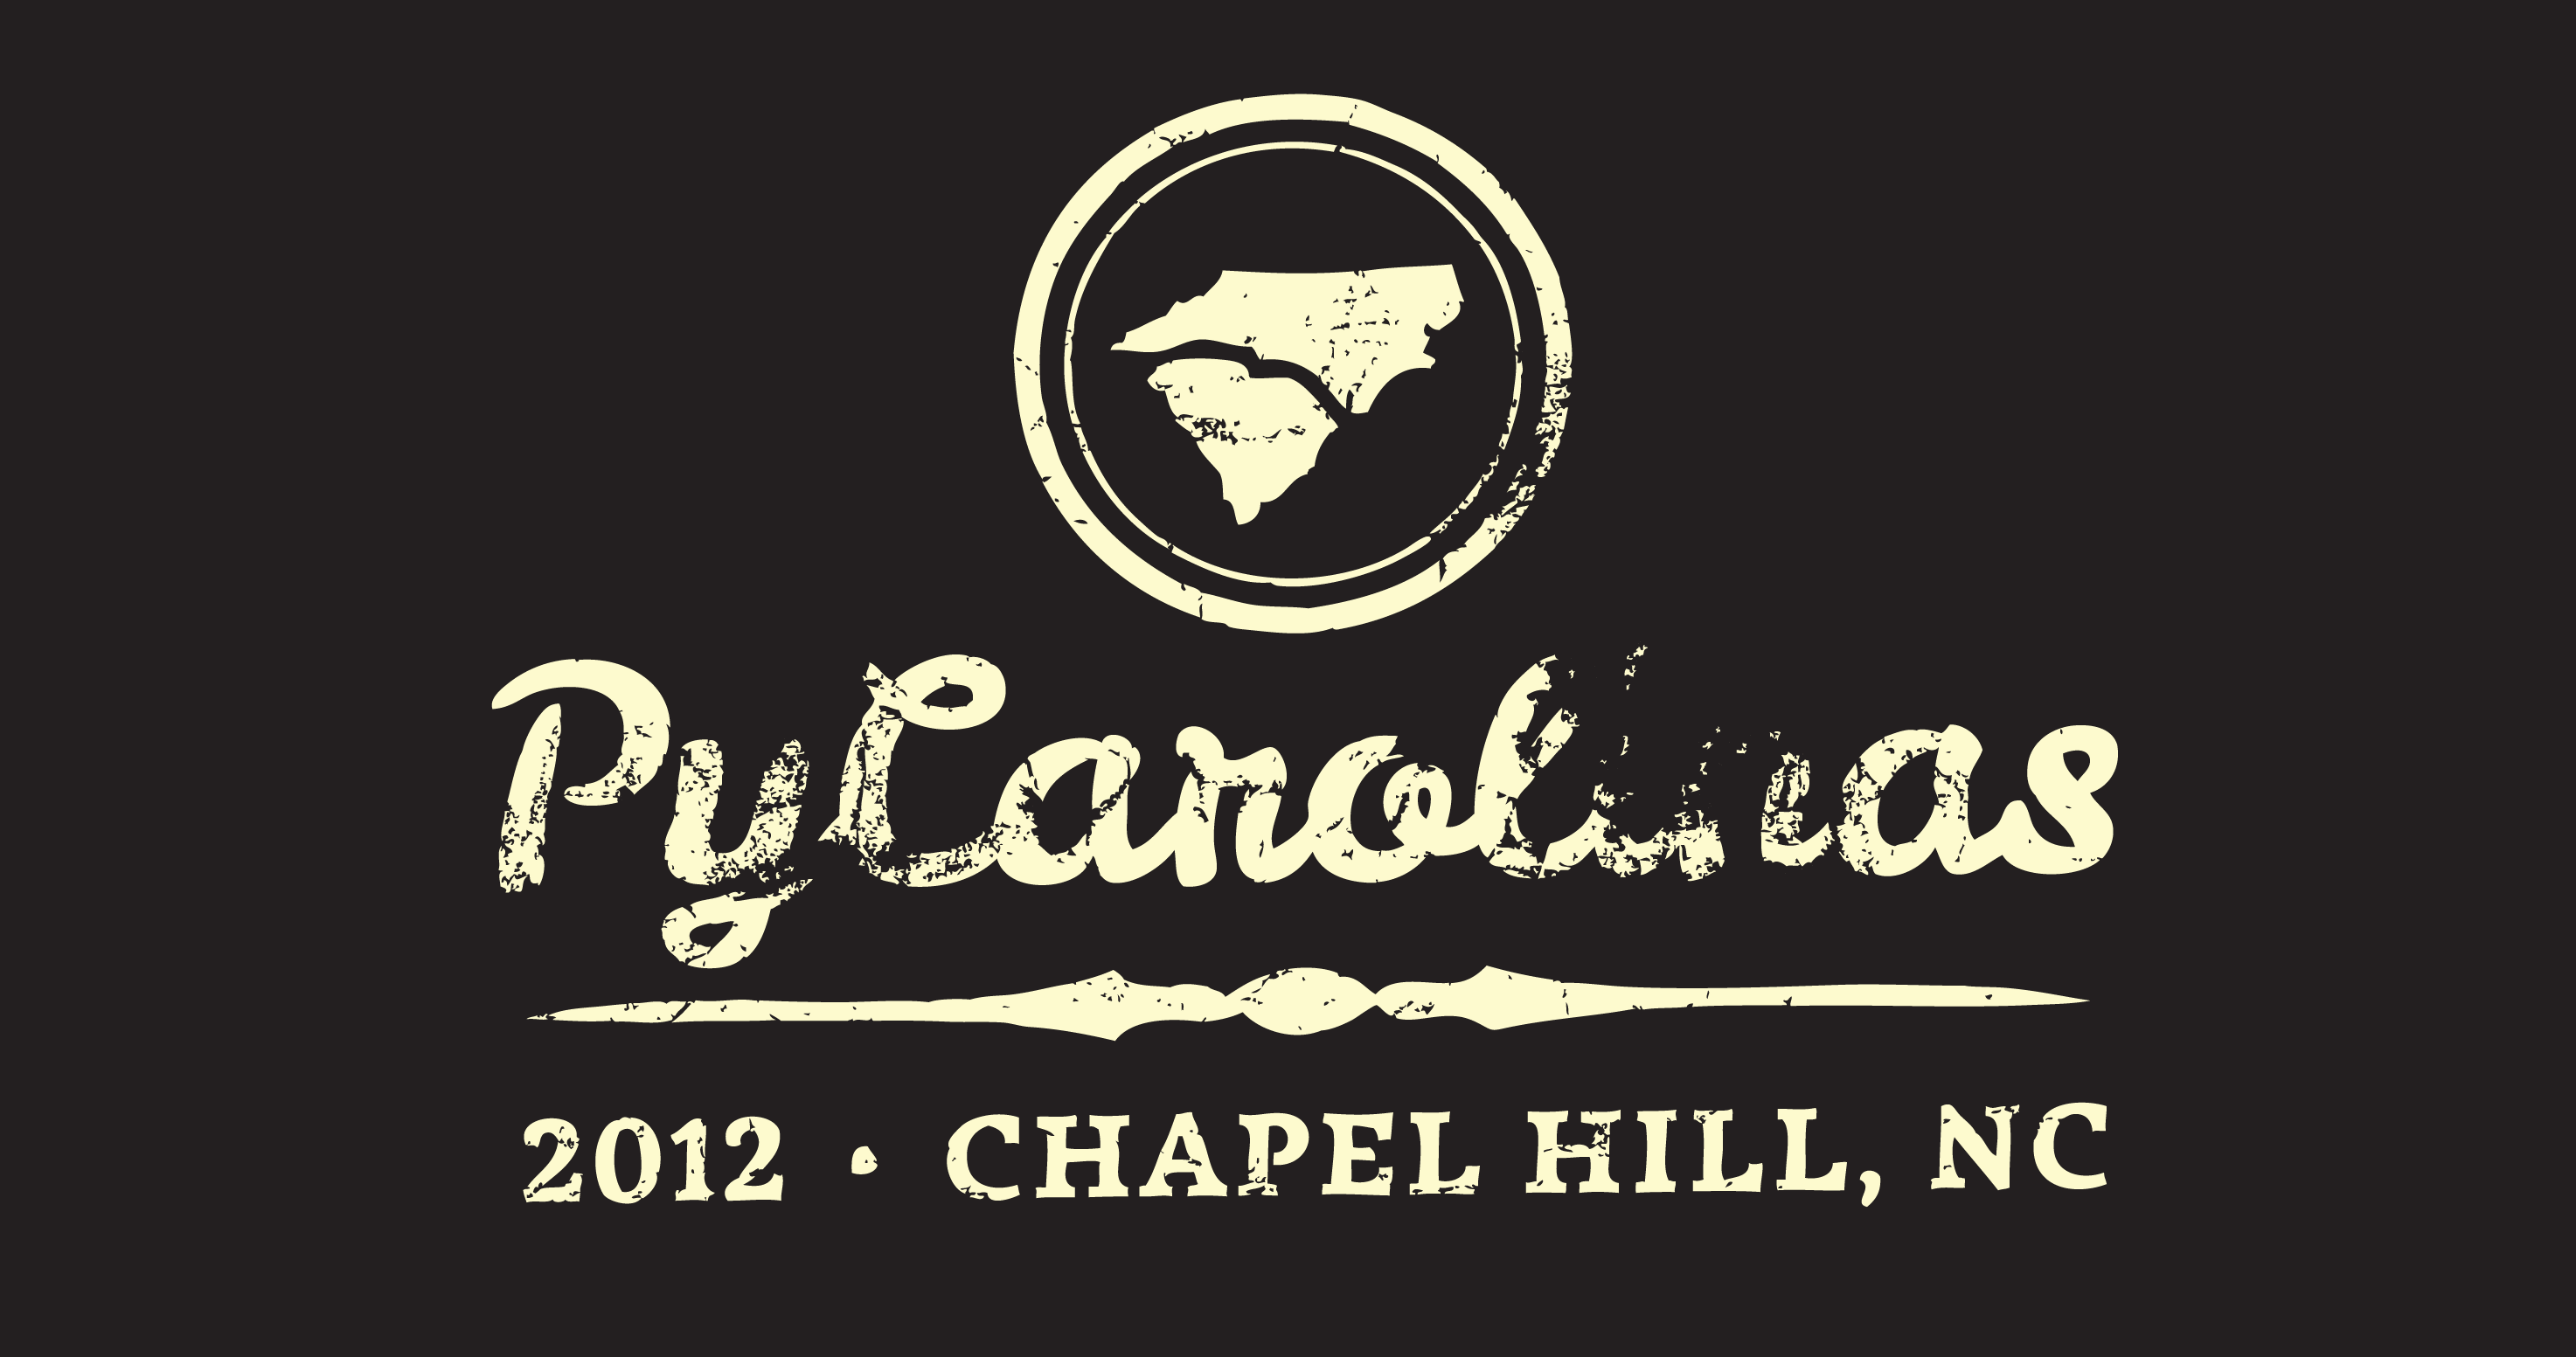 PyCarolinas' Logo Design by Caktus